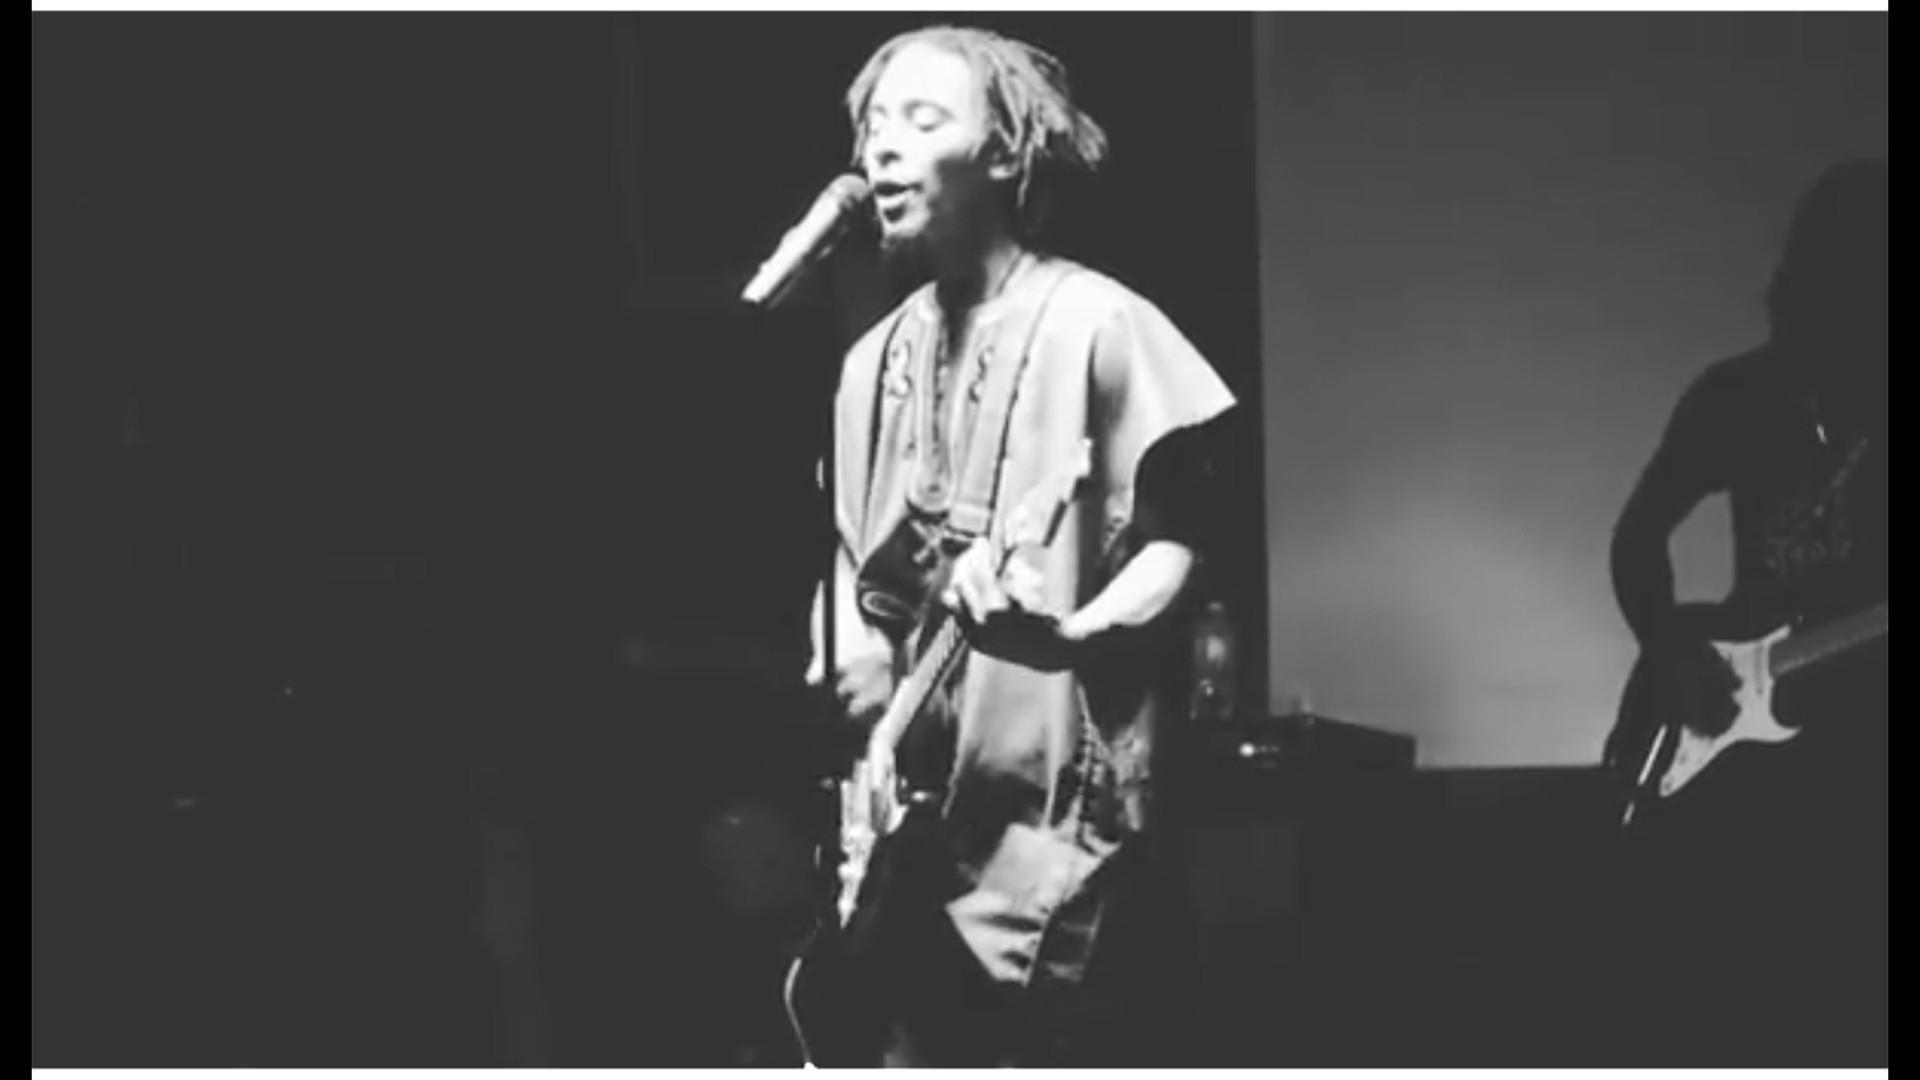 A Conqueror Live At The Garden 2017 (1).